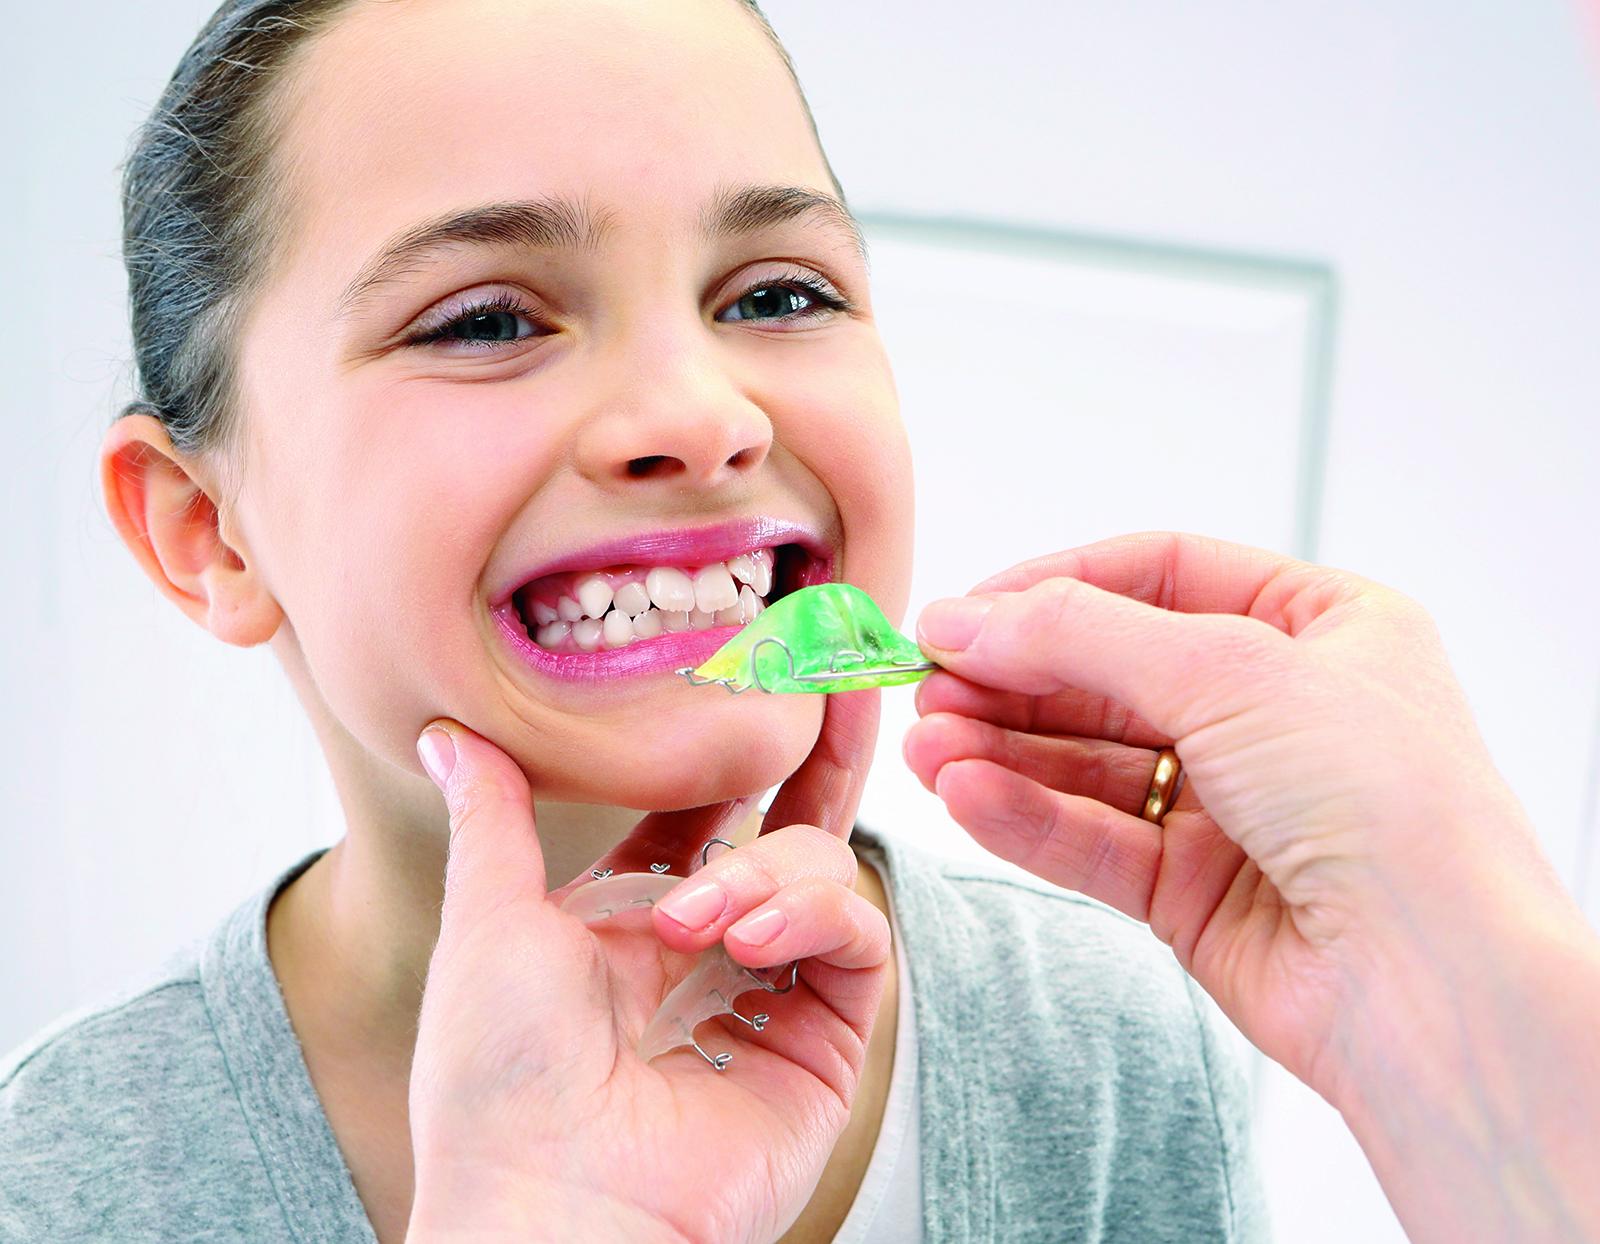 L'orthodontie chez l'enfant : à partir de quel âge ?